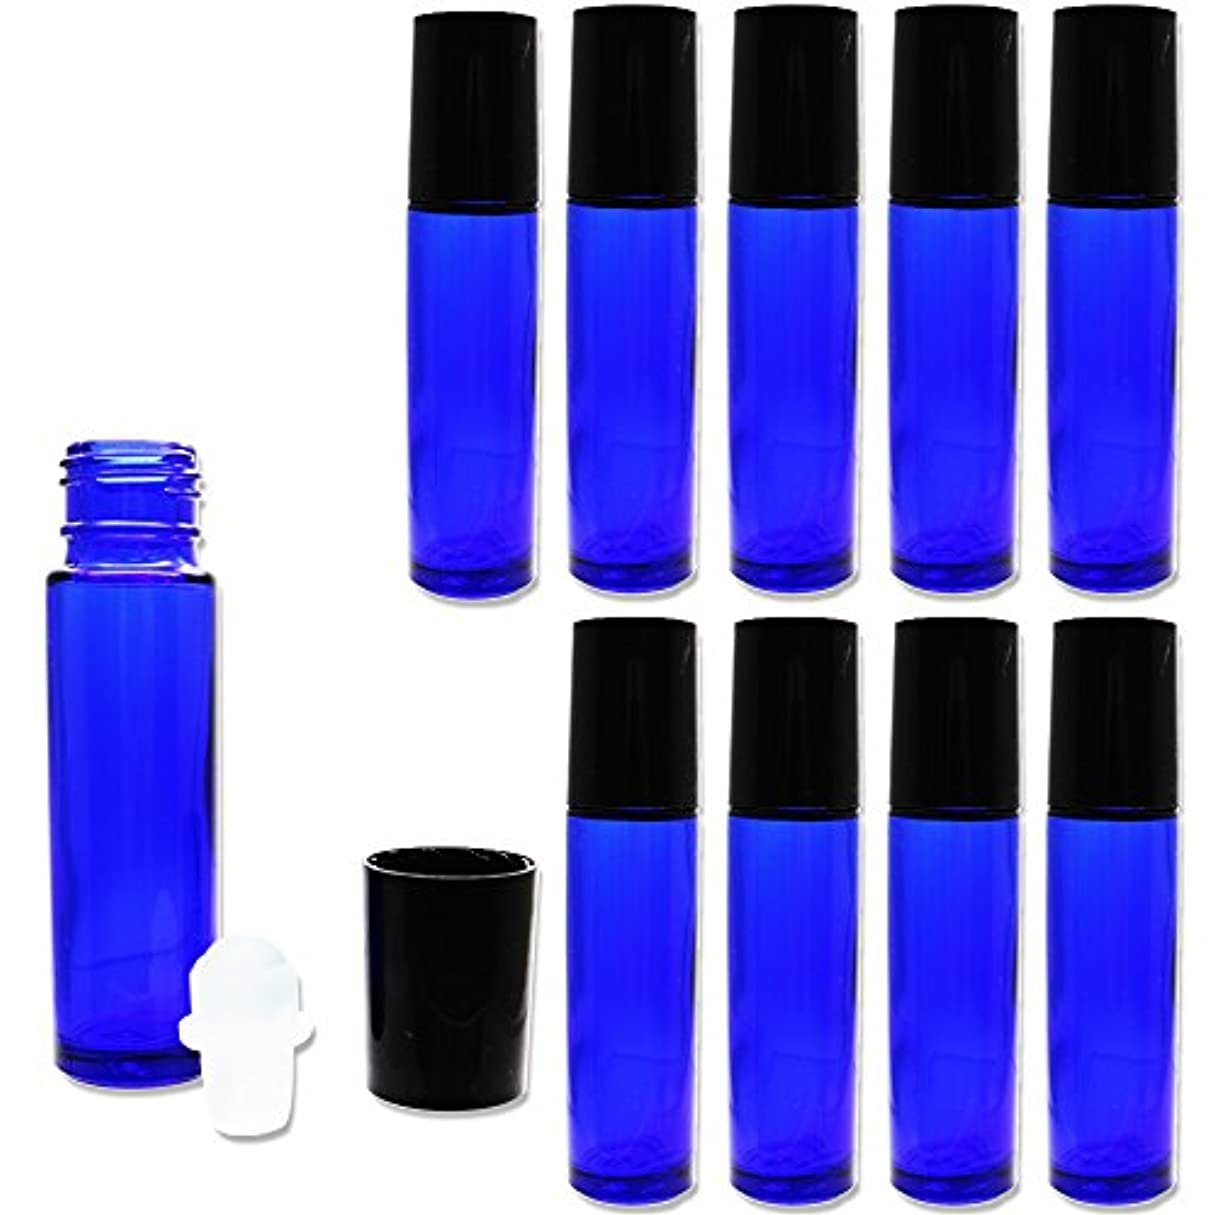 ウサギ再生的失礼なSolid Value ロールオンボトル アロマオイル ガラスロール 詰め替え 遮光瓶 (10ml 10本セット)